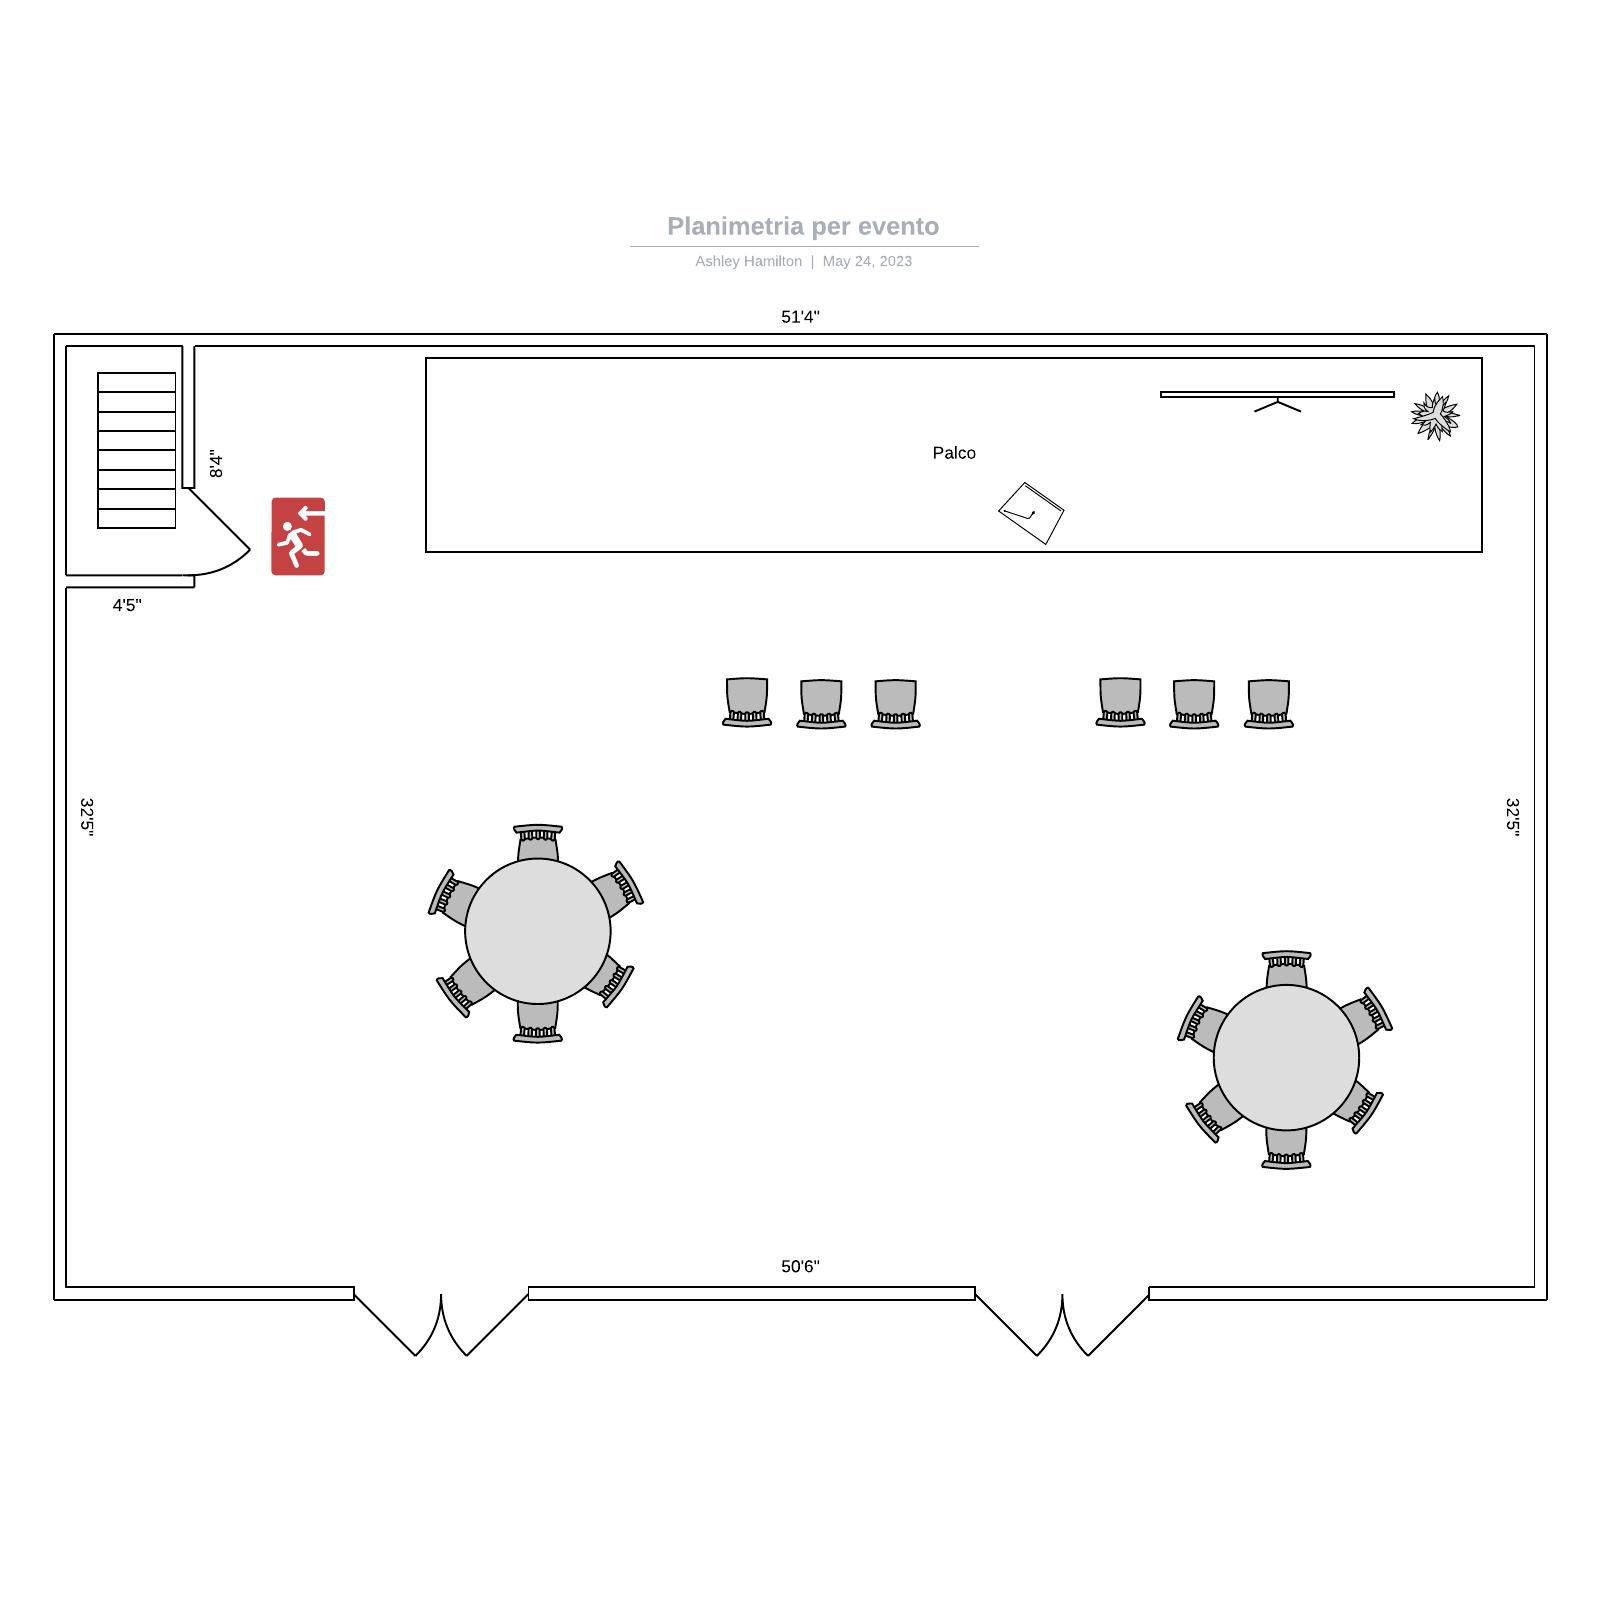 Planimetria per evento